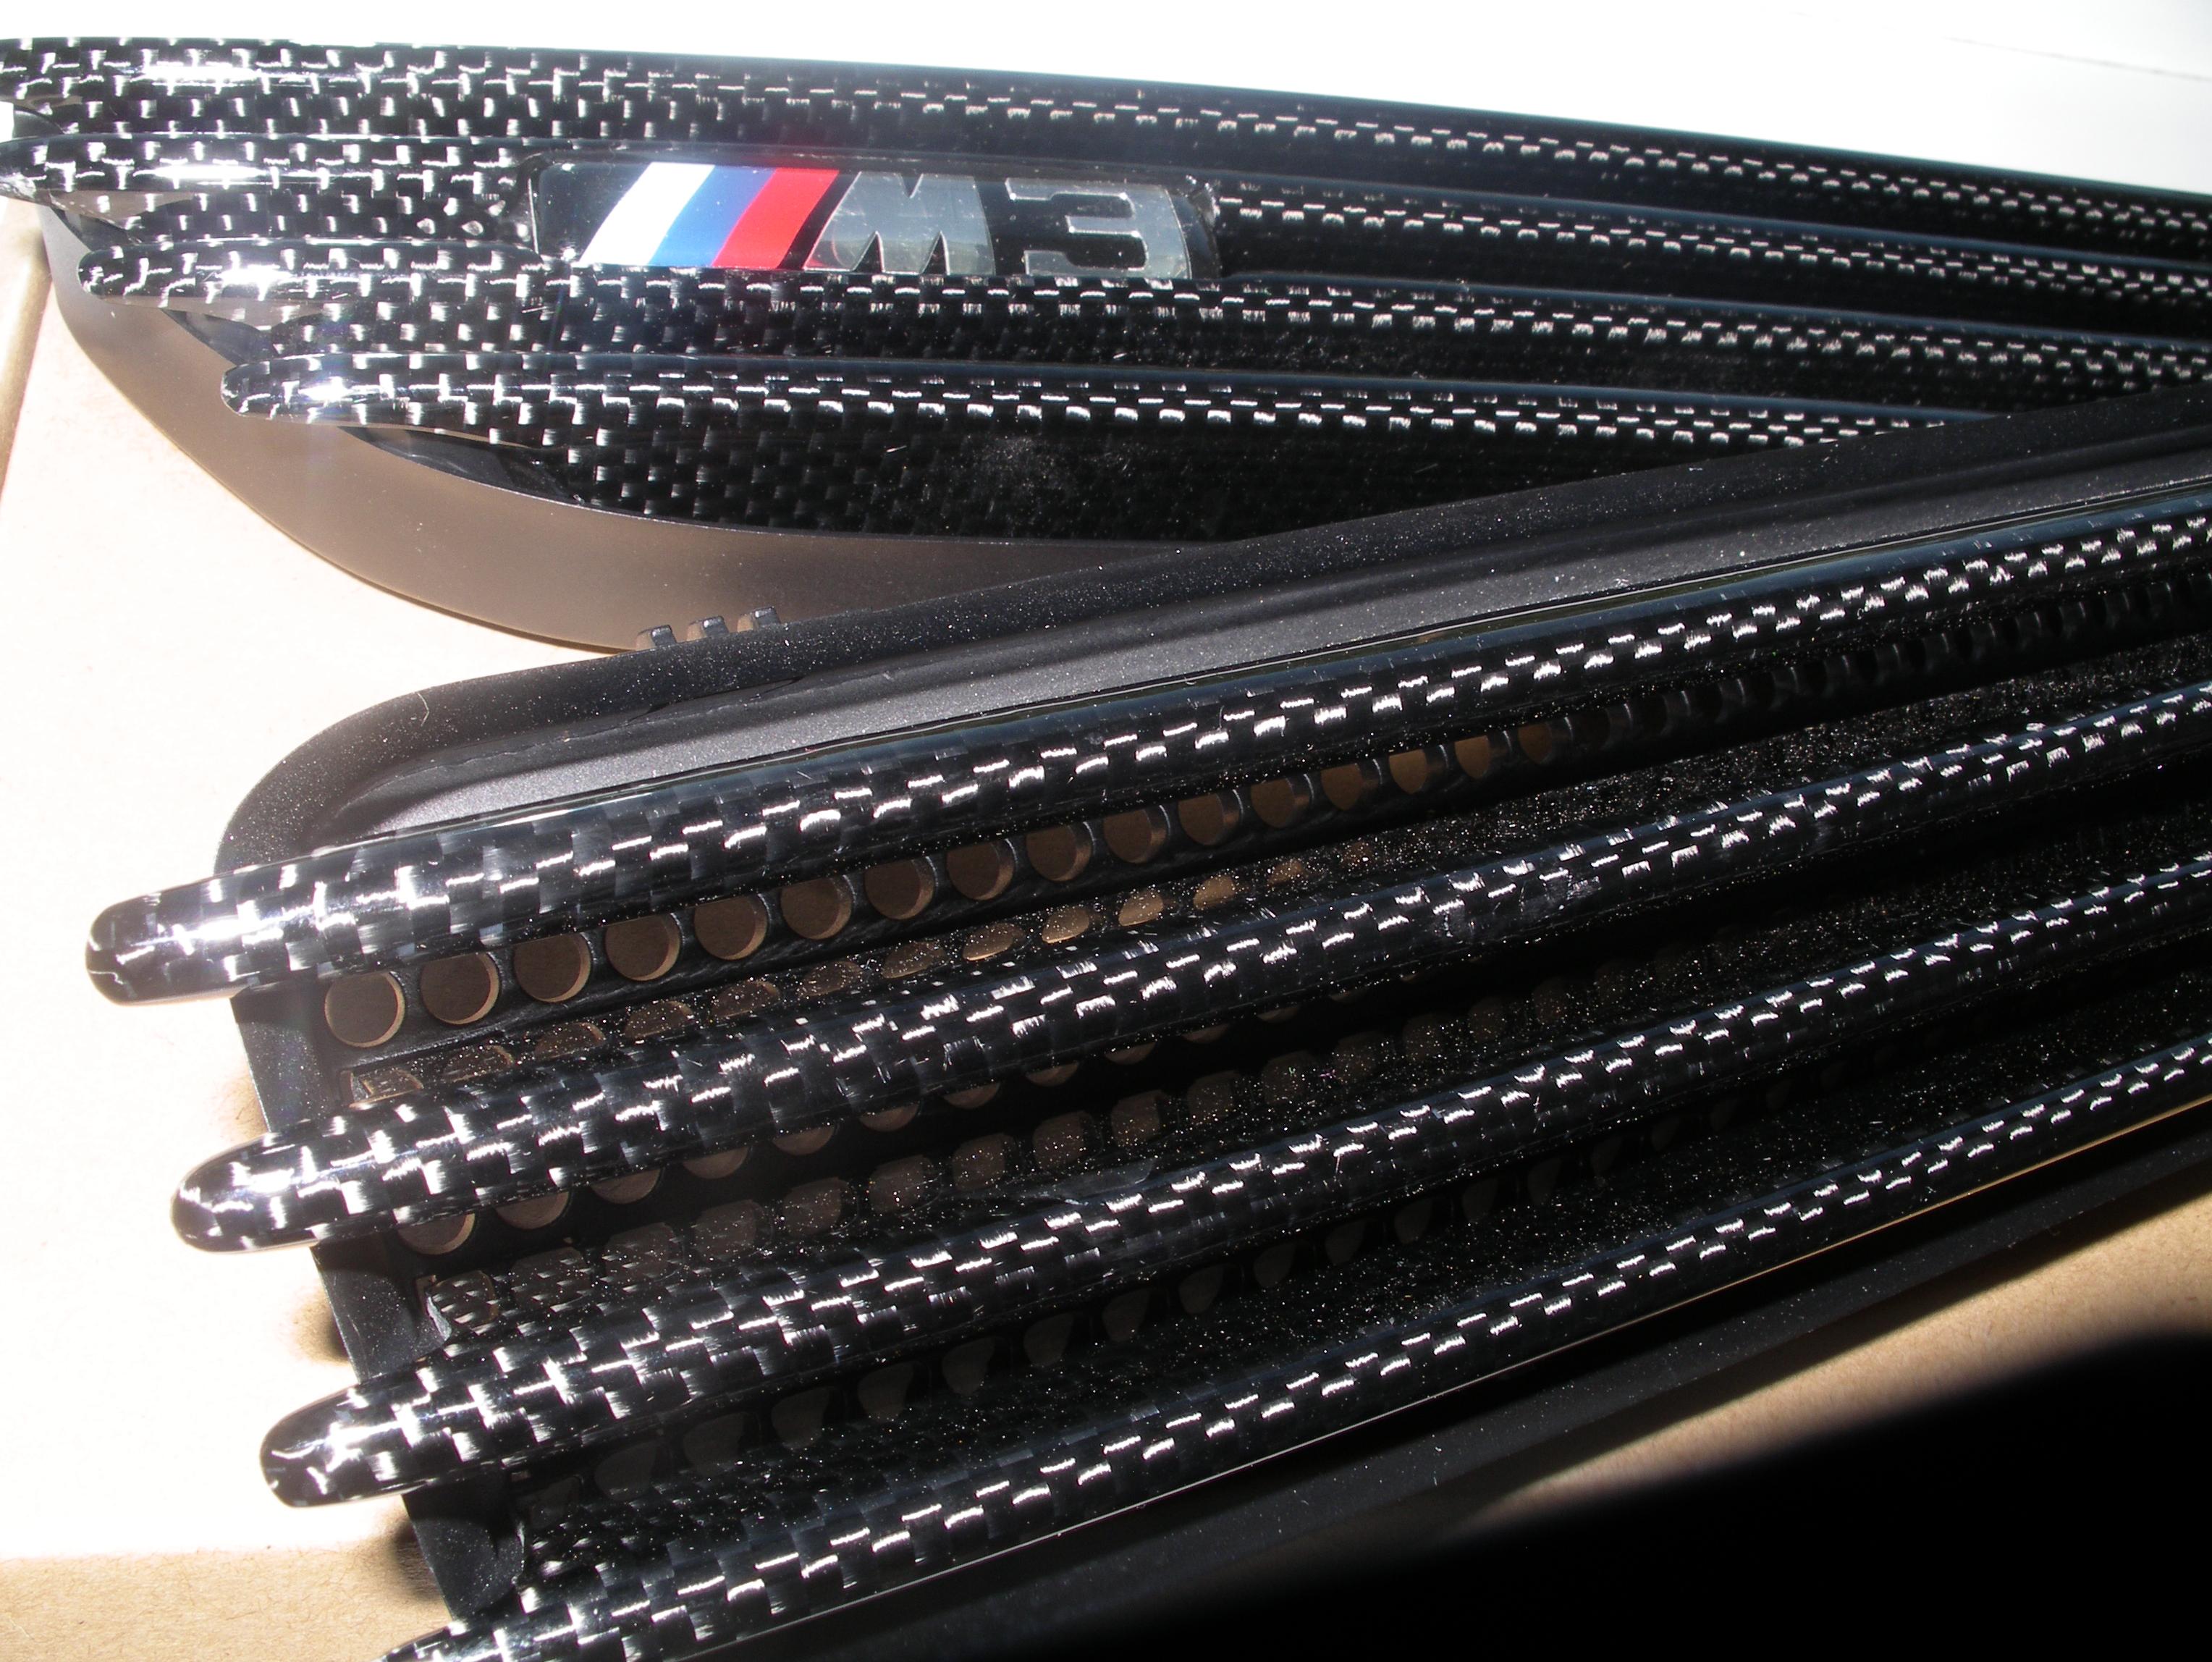 bmw-e46-m3-carbon-fibre-side-grilles-vents-1.jpg